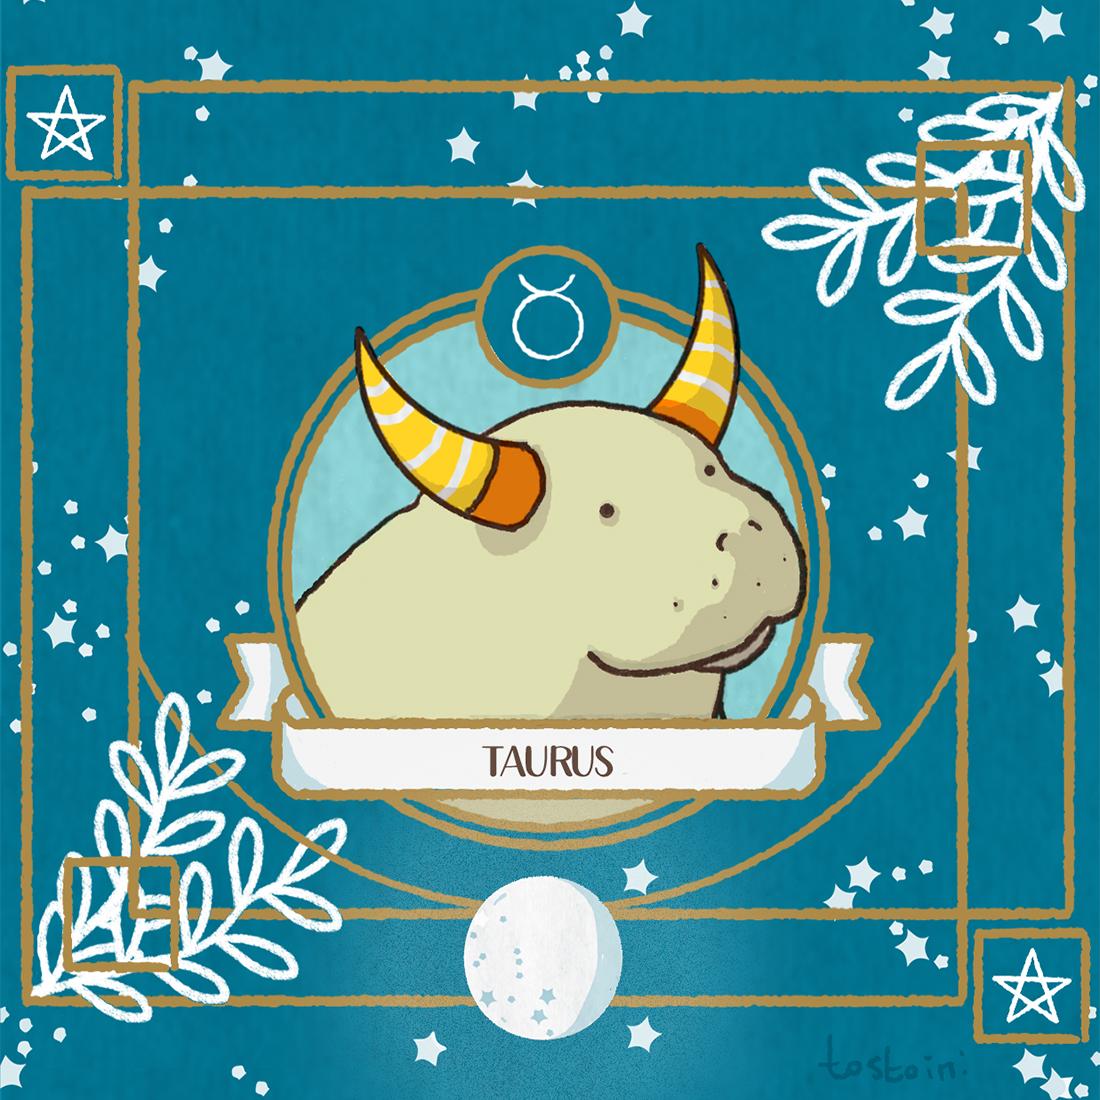 taurus-toro-oroscopo-manatee-lamentino